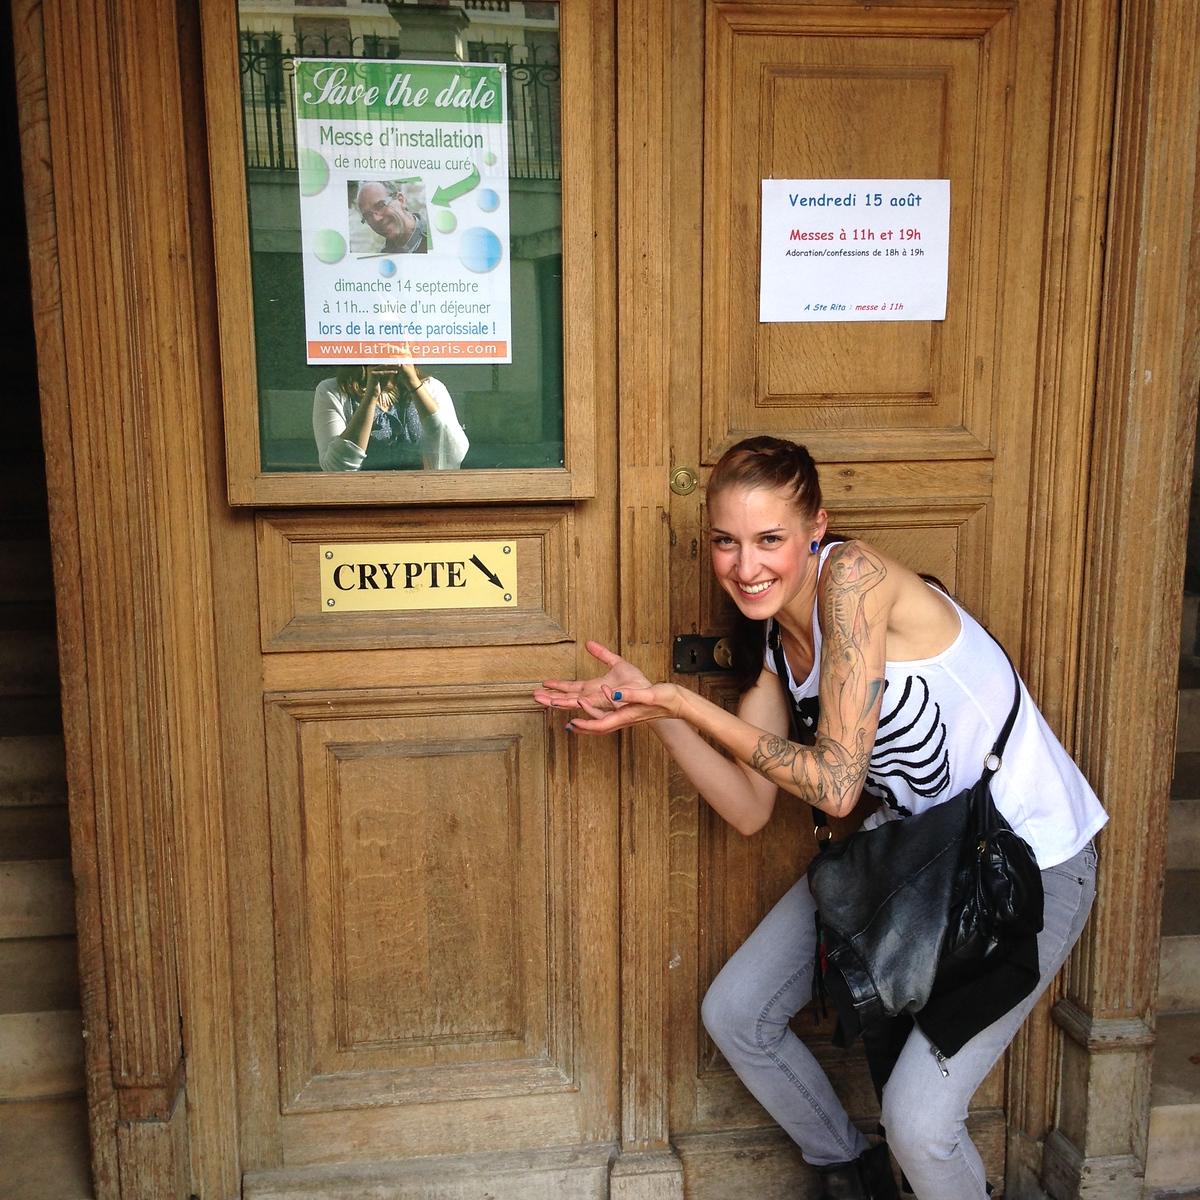 Jennifer Posing Creepily with the Crypt Sign at l'Église de la Sainte-Trinité in Paris, France